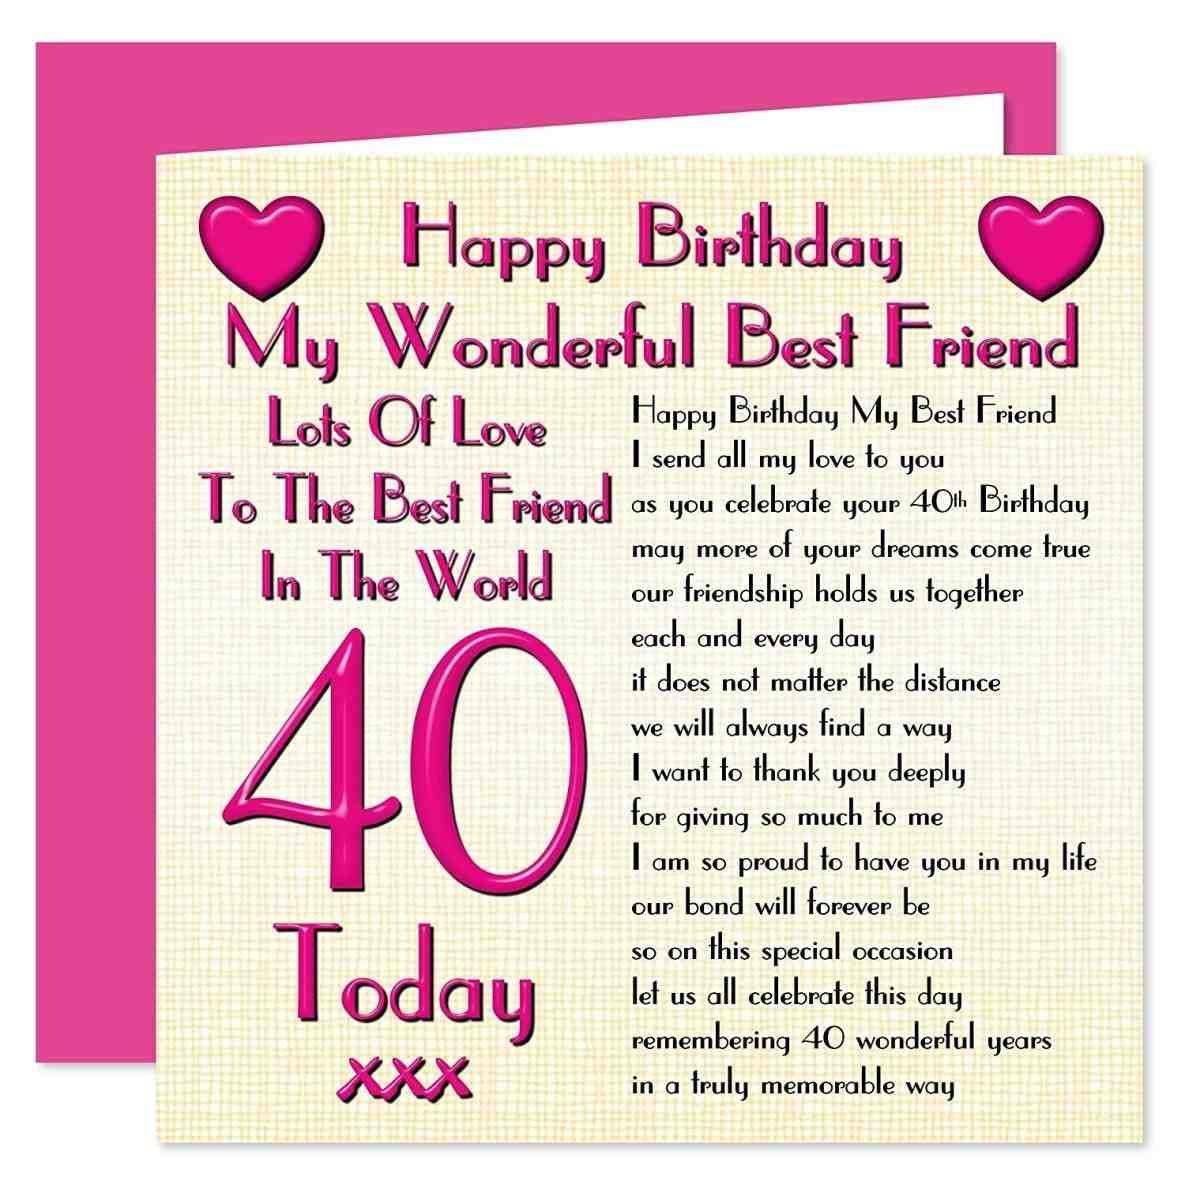 Happy Birthday Greetings Birthday Animation Birthday Wishes